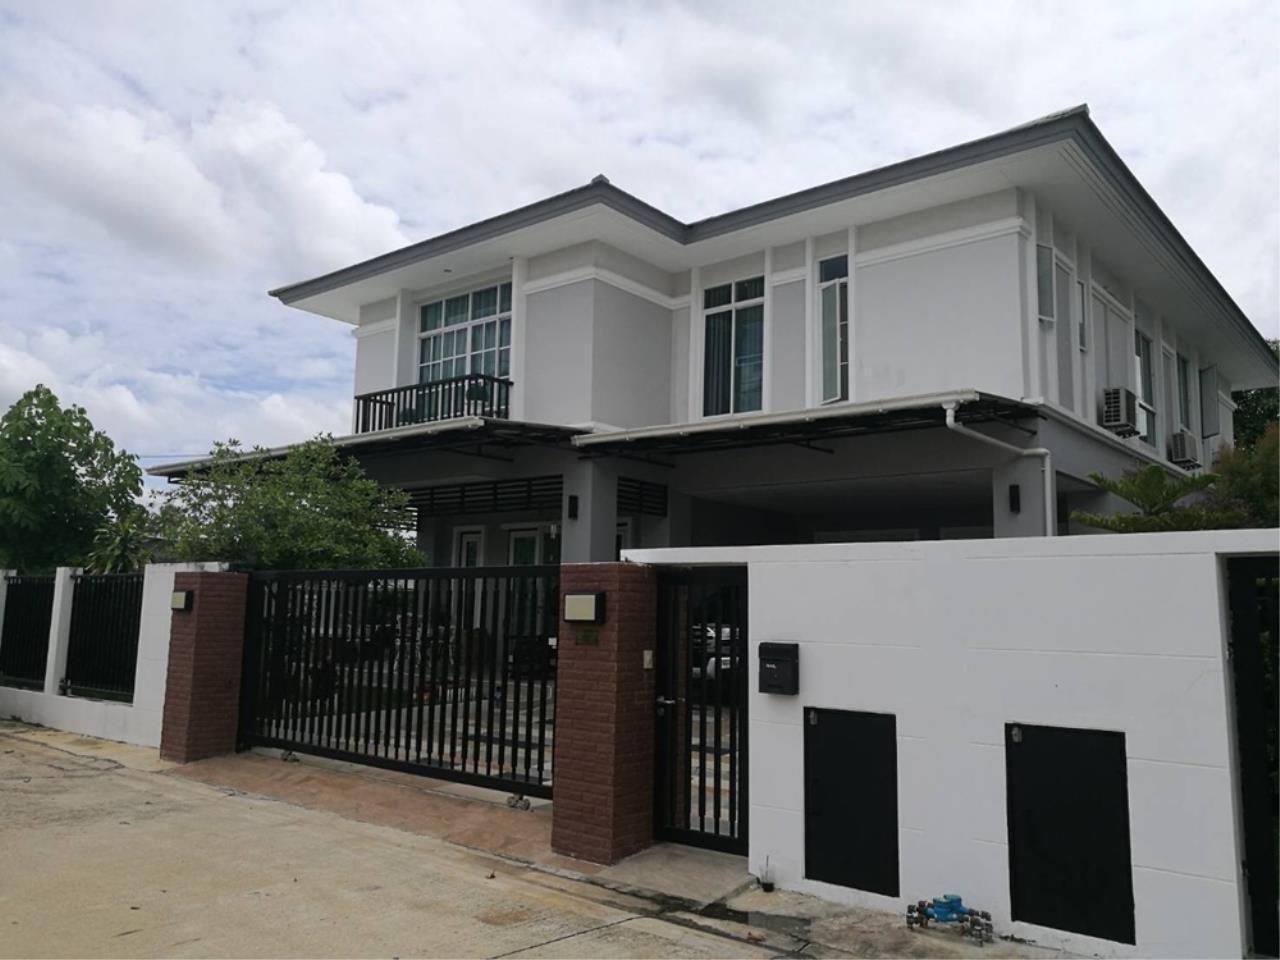 ขาย บ้าน แขวงบางแคเหนือ เขตบางแค กรุงเทพมหานคร, ภาพที่ 2